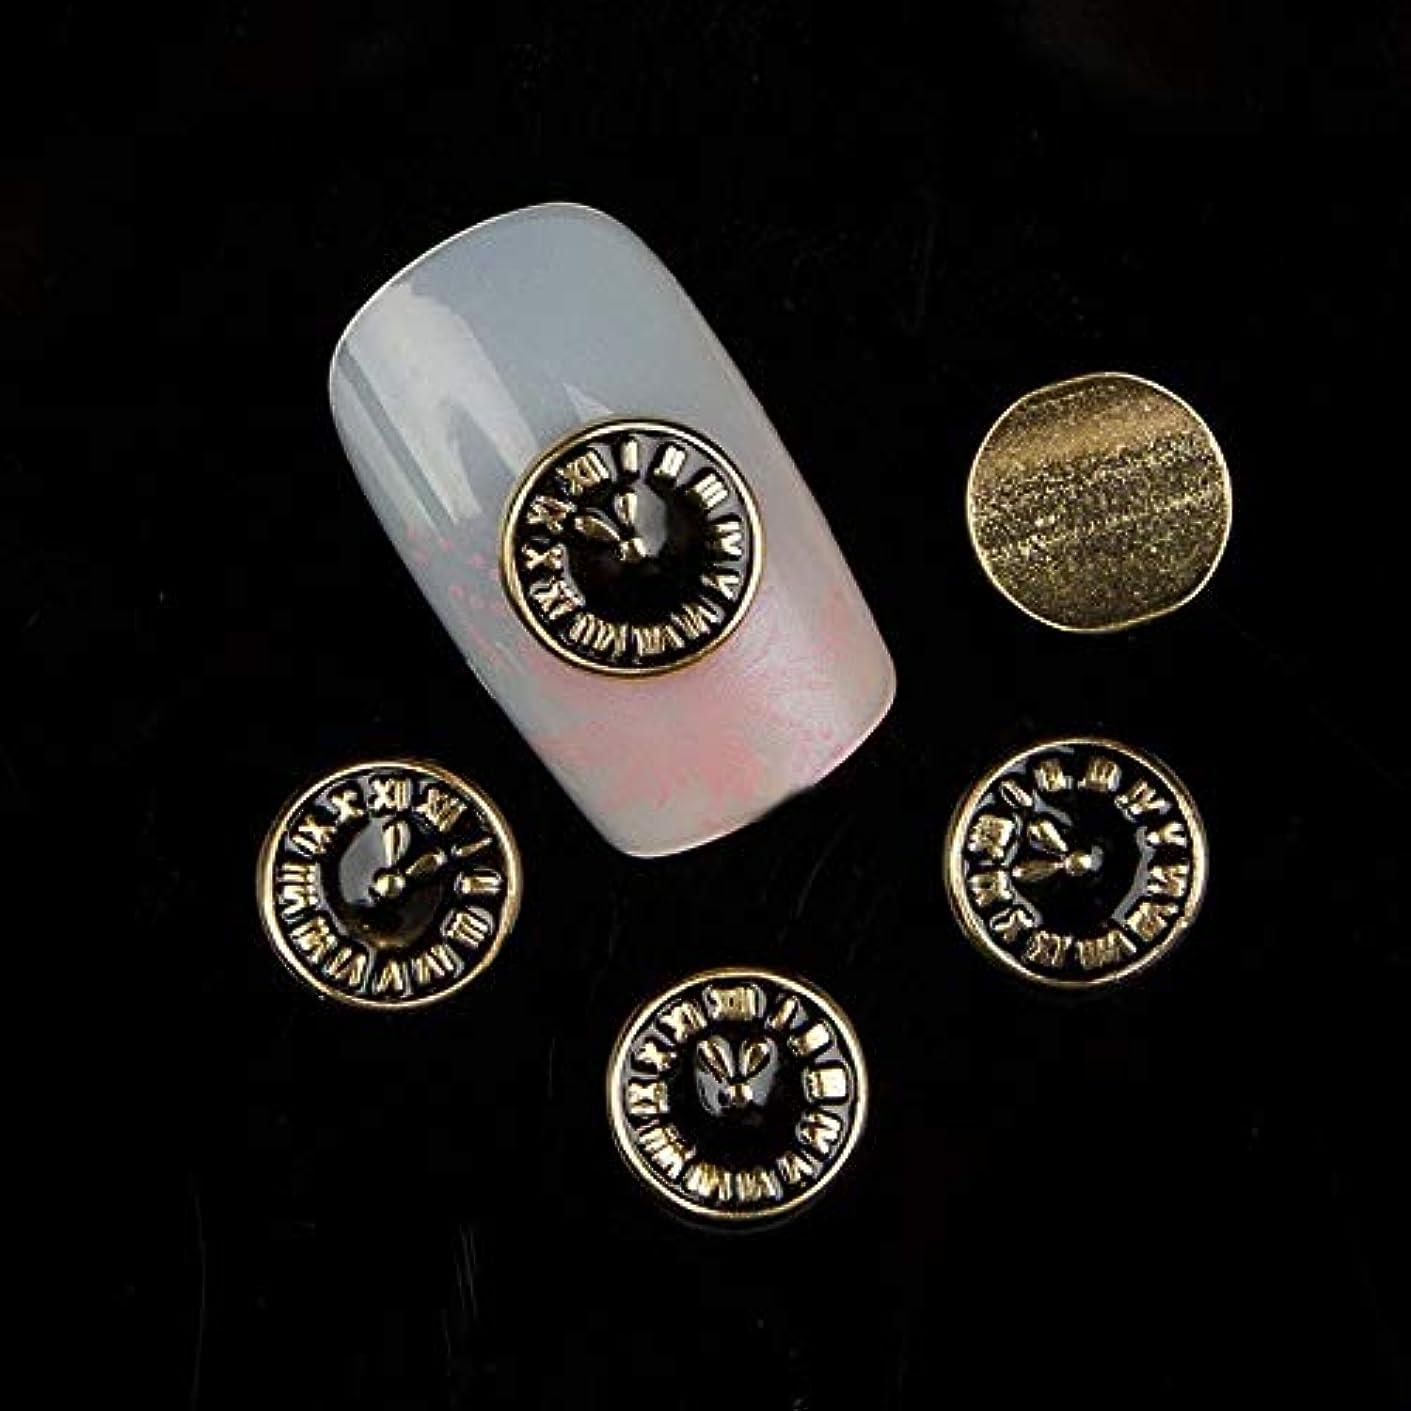 作業探す目指す10個入り/ロットゴールドブラックネイル合金スタッド3Dメタル時計ネイルアートの装飾マニキュアデザイン